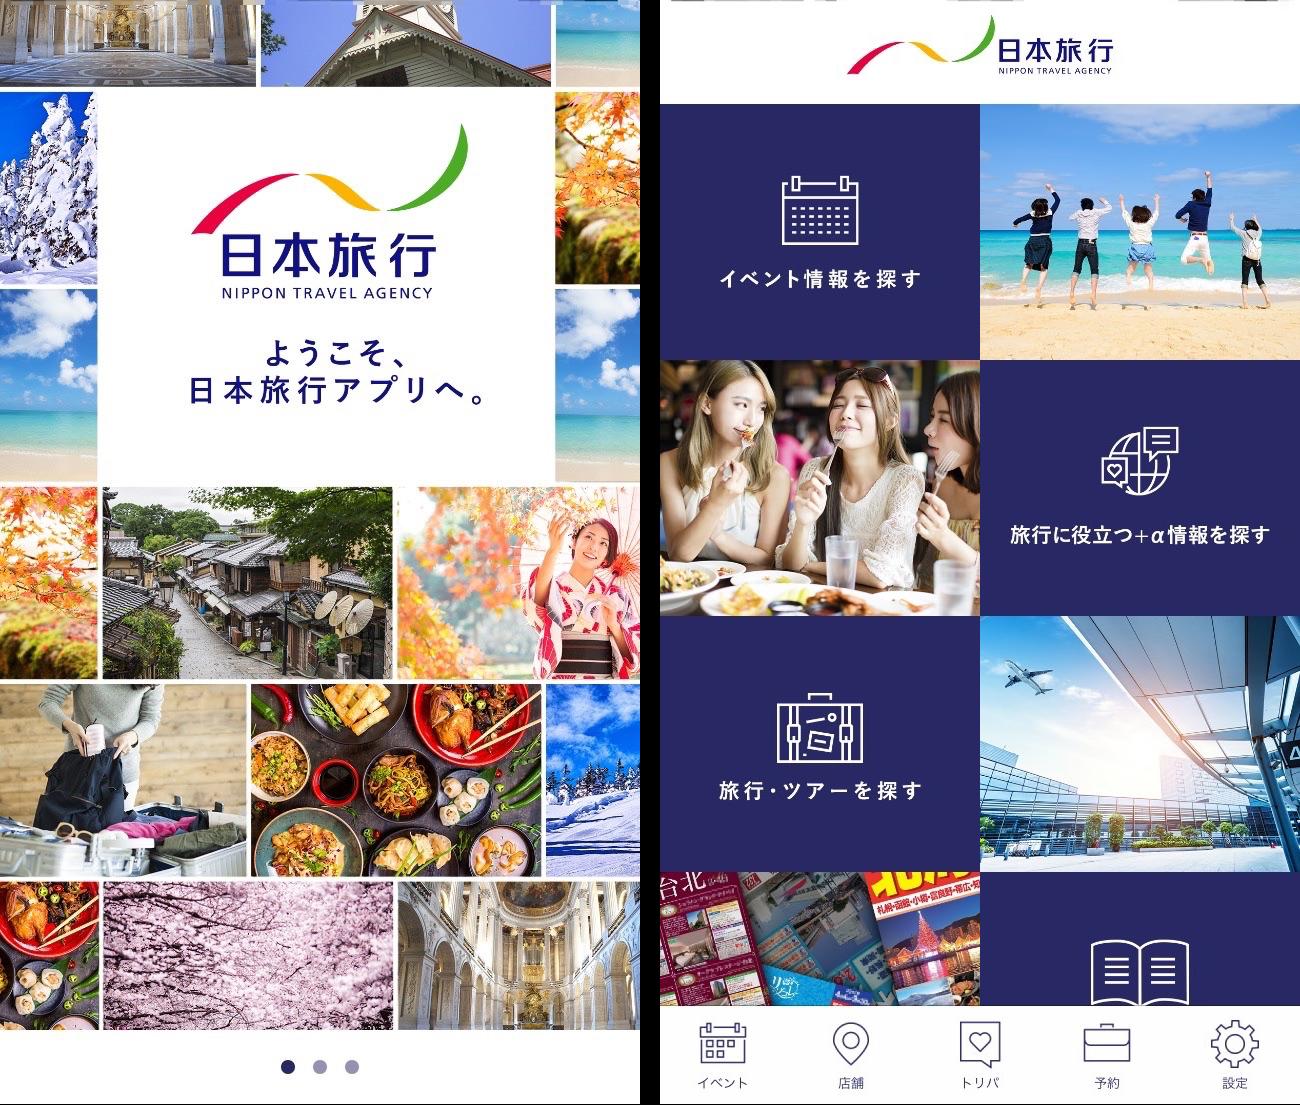 日本旅行のアプリのトップページ